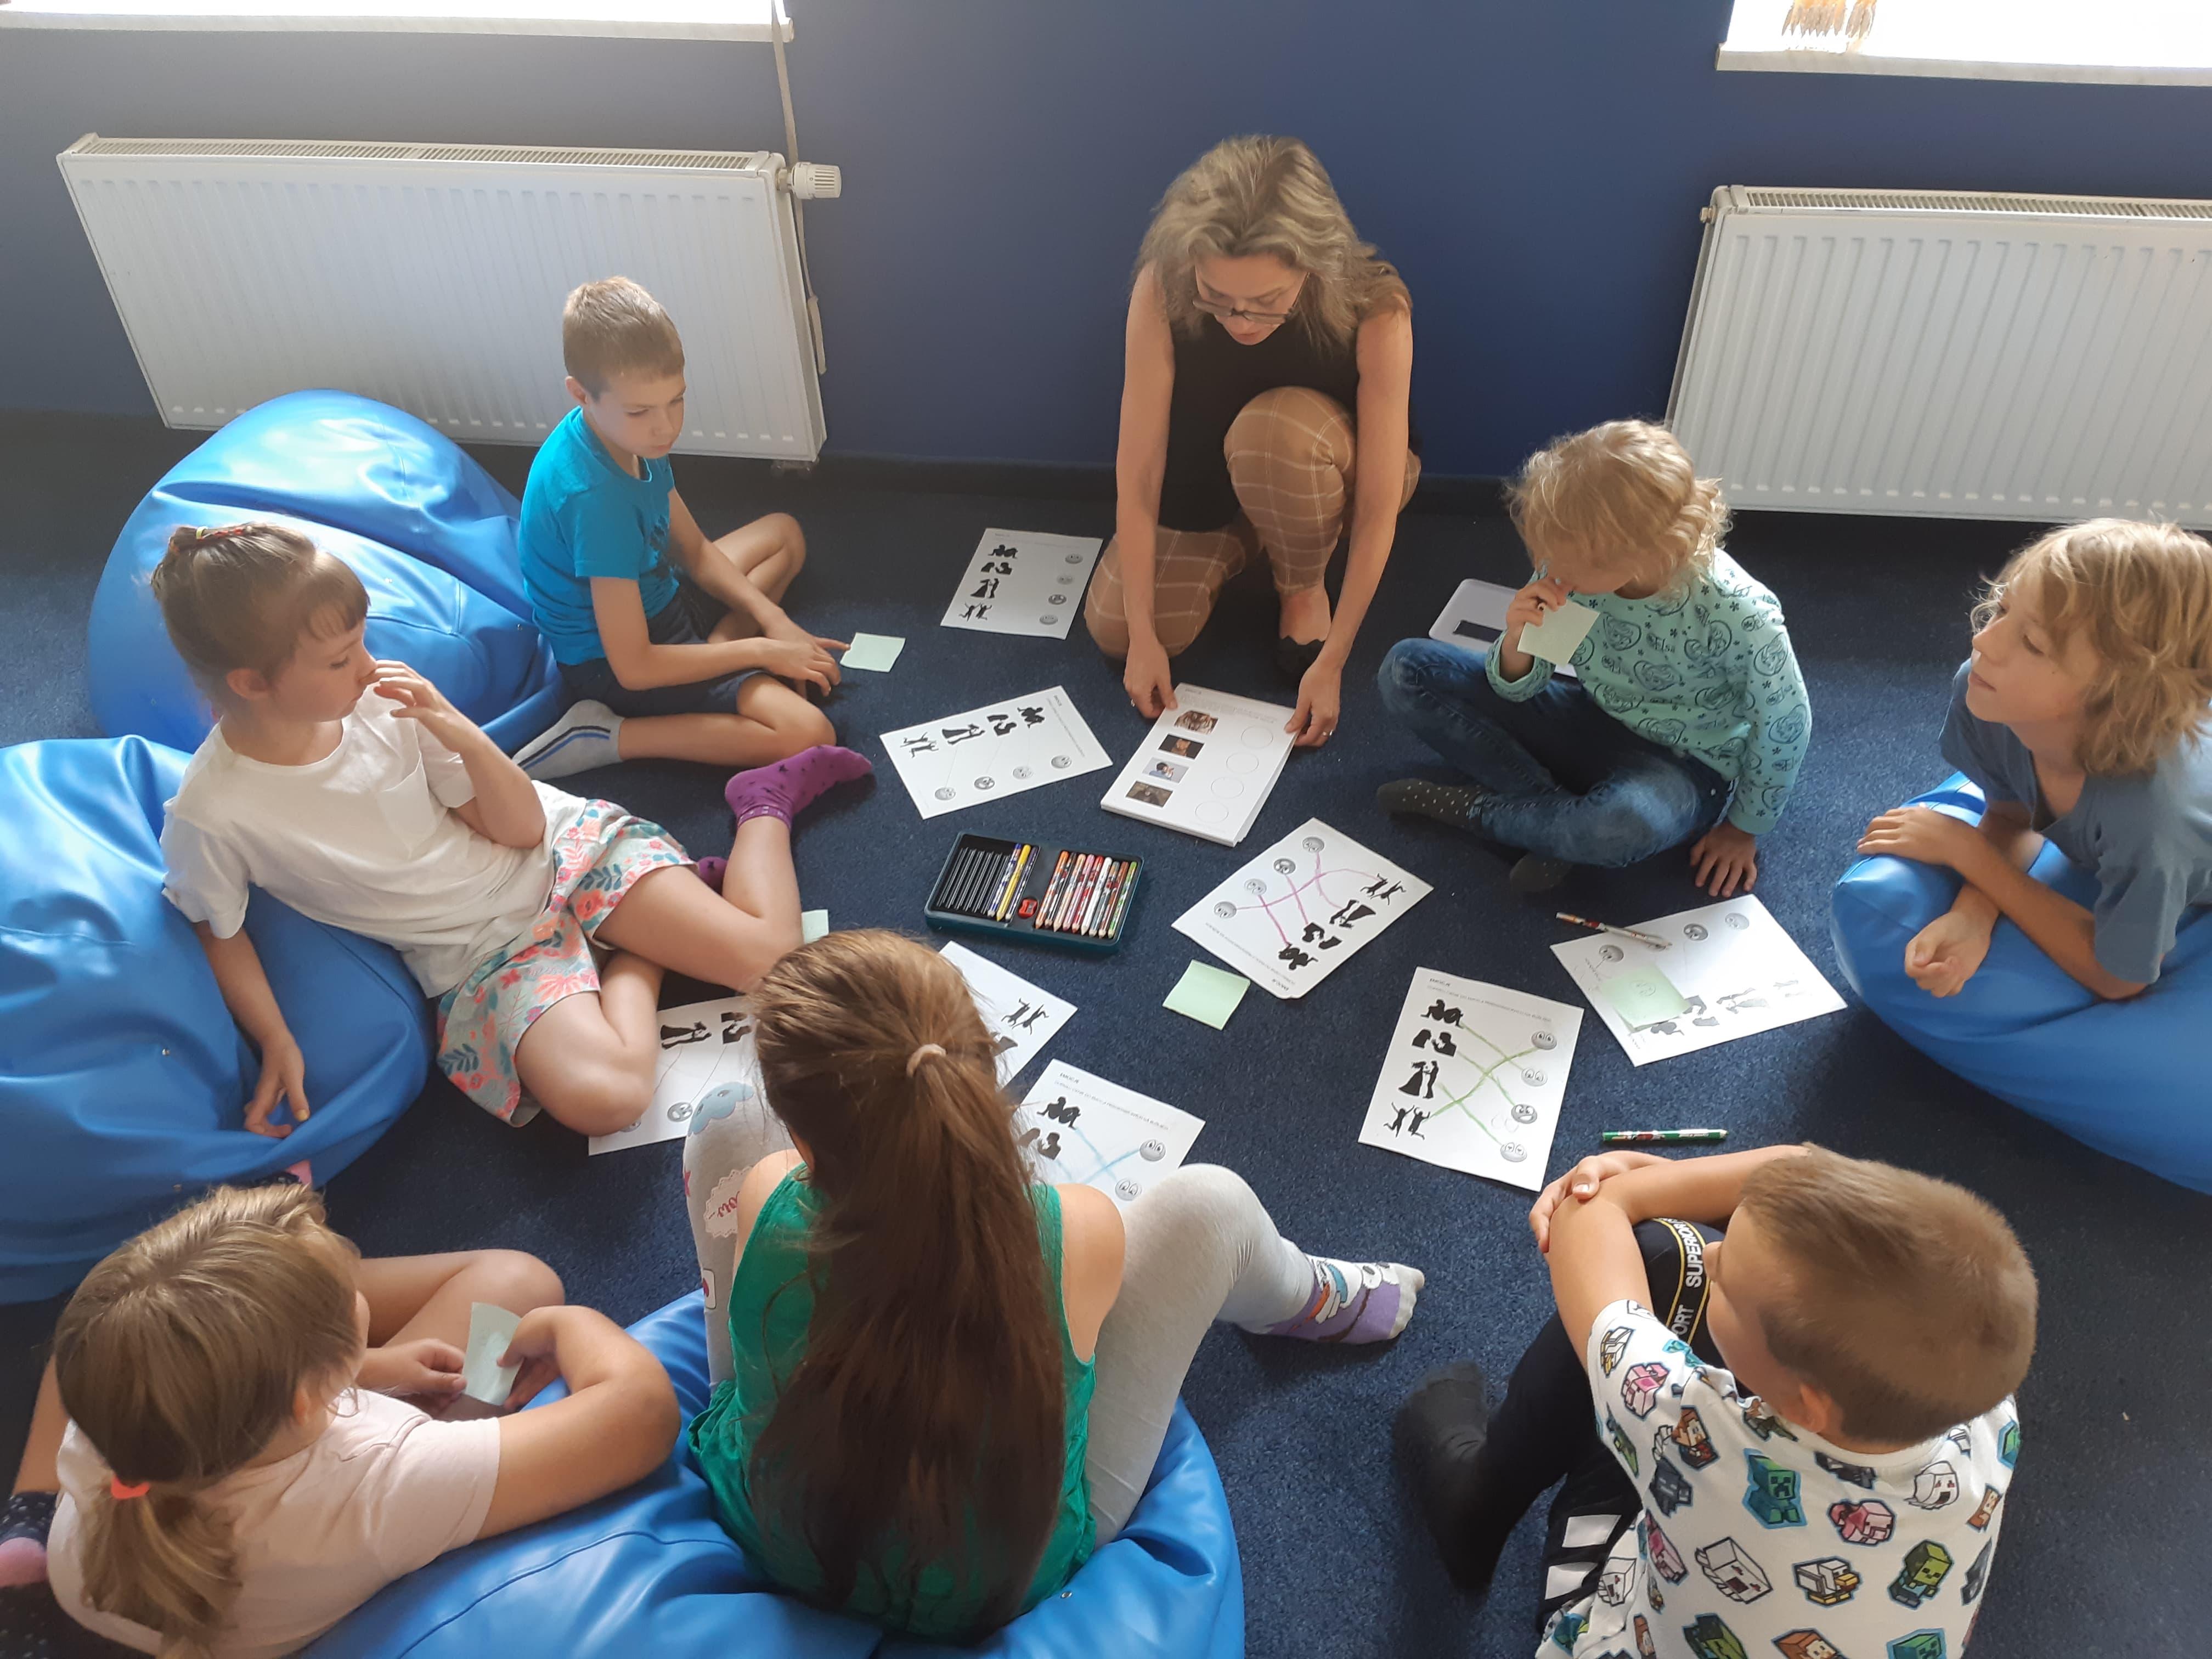 Rusza nabór na bezpłatne zajęcia Treningu Umiejętności Społecznych dla dzieci w wieku 4-12 lat! - Dowiedz się więcej! - Zdjęcie główne